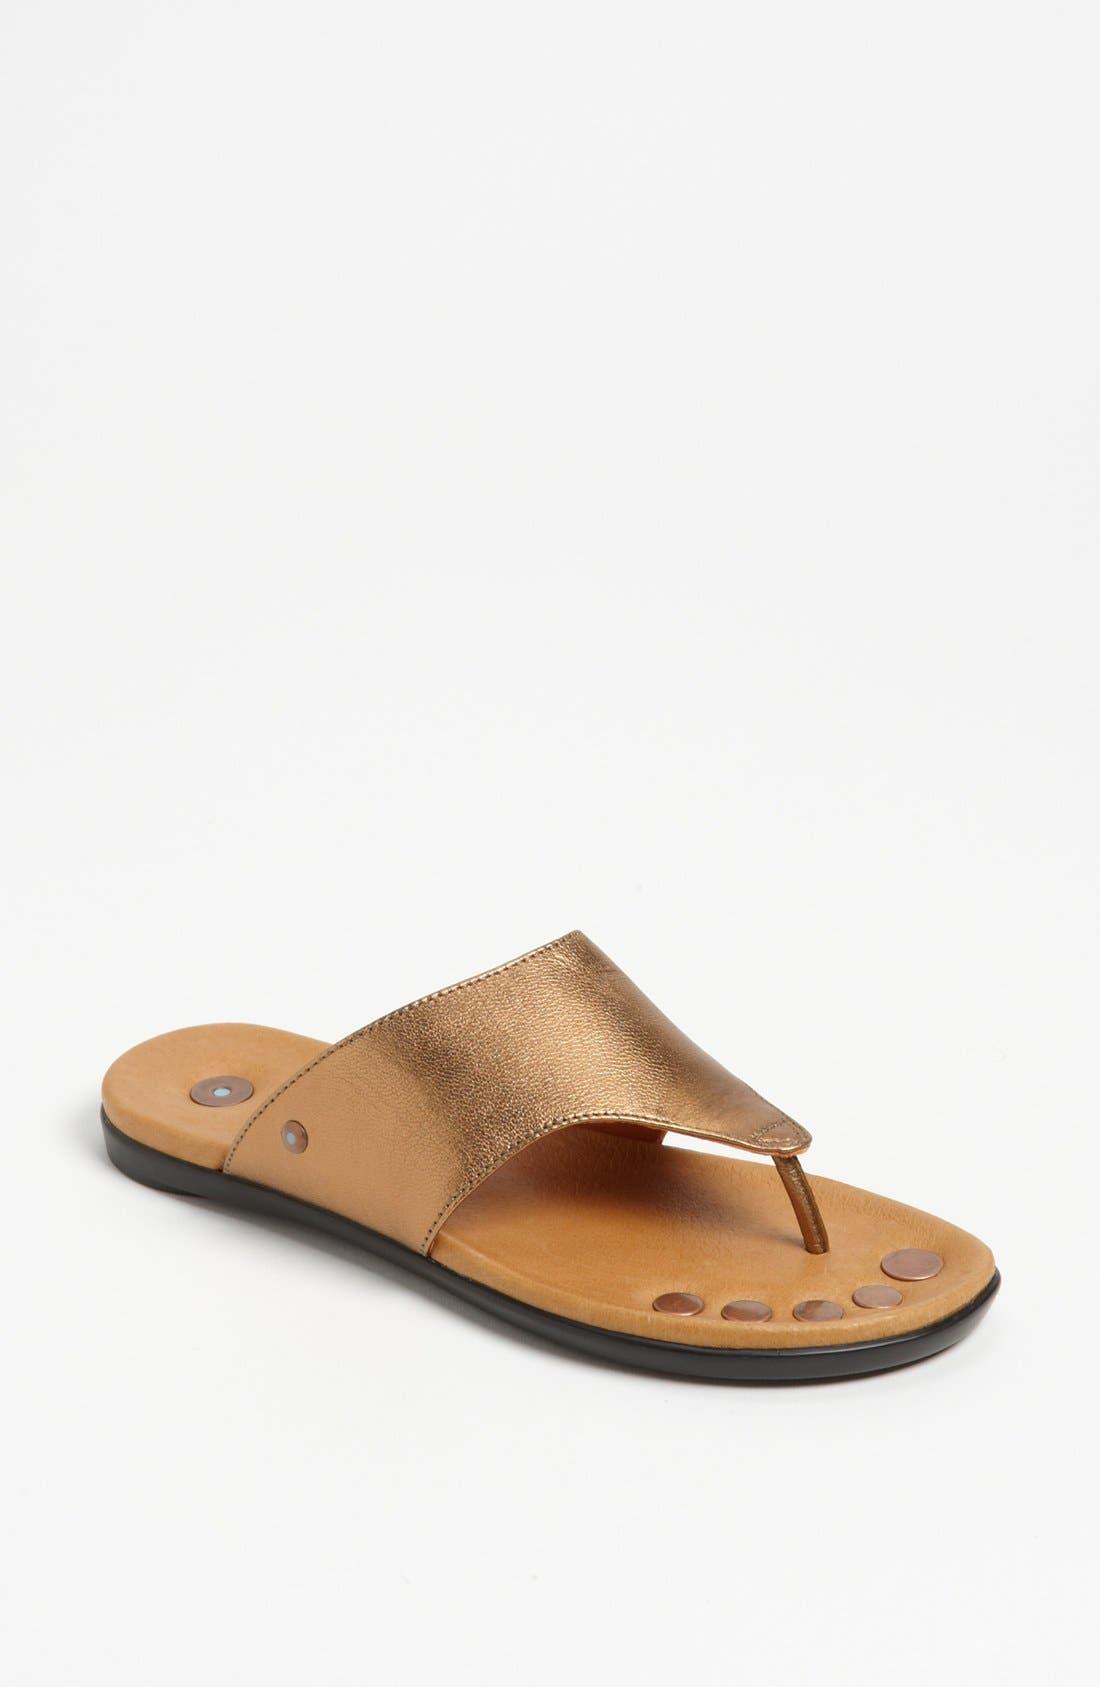 Main Image - Juil 'Brio' Sandal